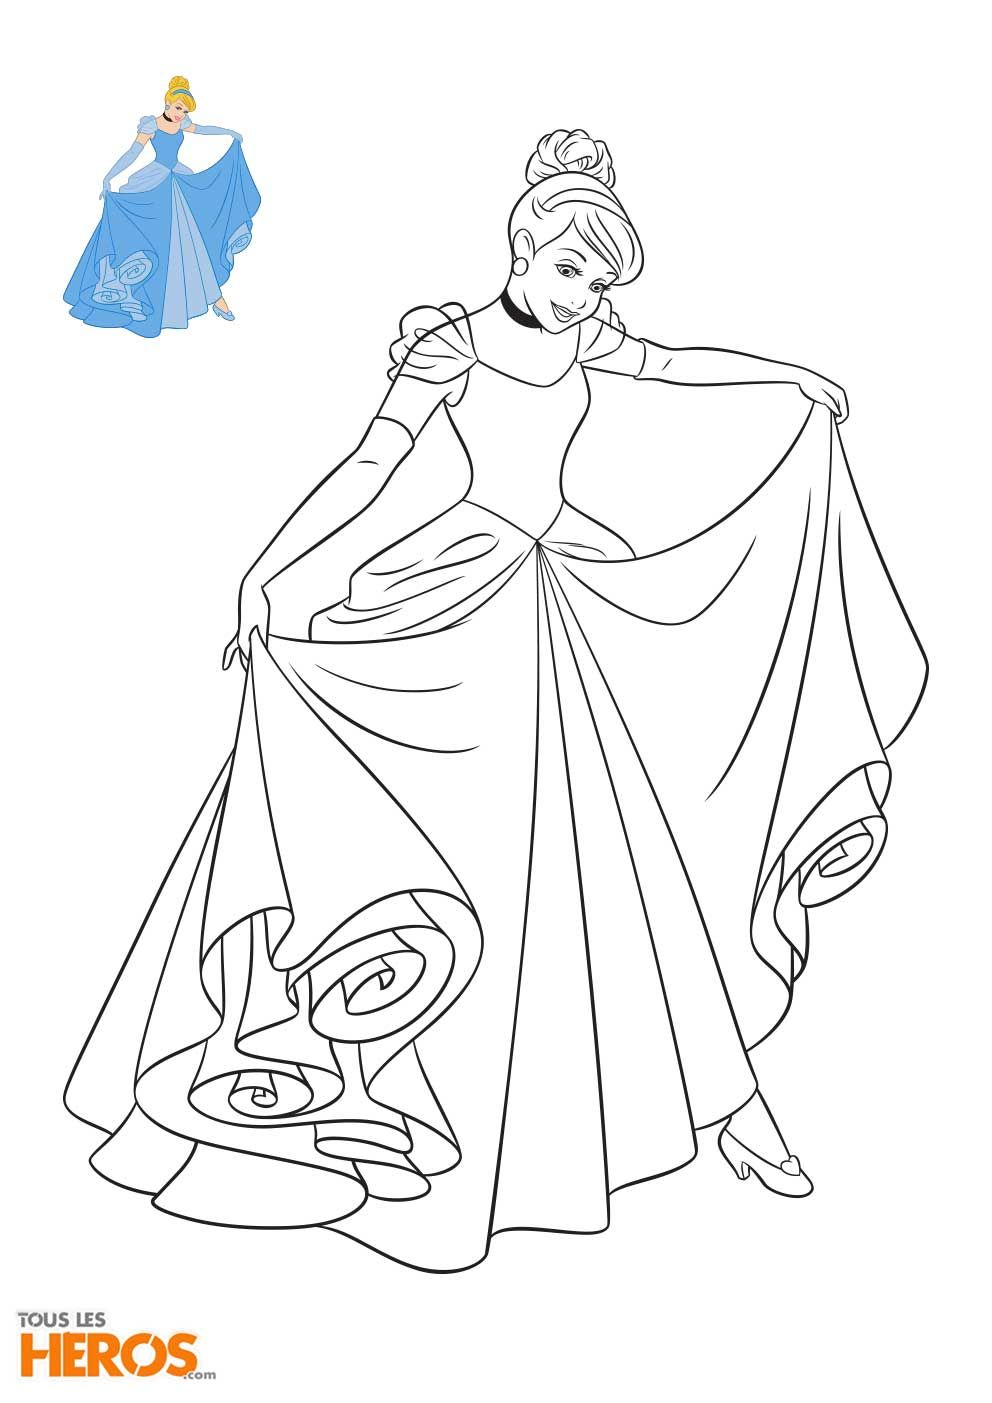 Cette semaine Tous les Héros vous propose d imprimer les coloriages Disney Princesses Retrouvez La Petite Sir¨ne Tiana de La Princesse et la Grenouille